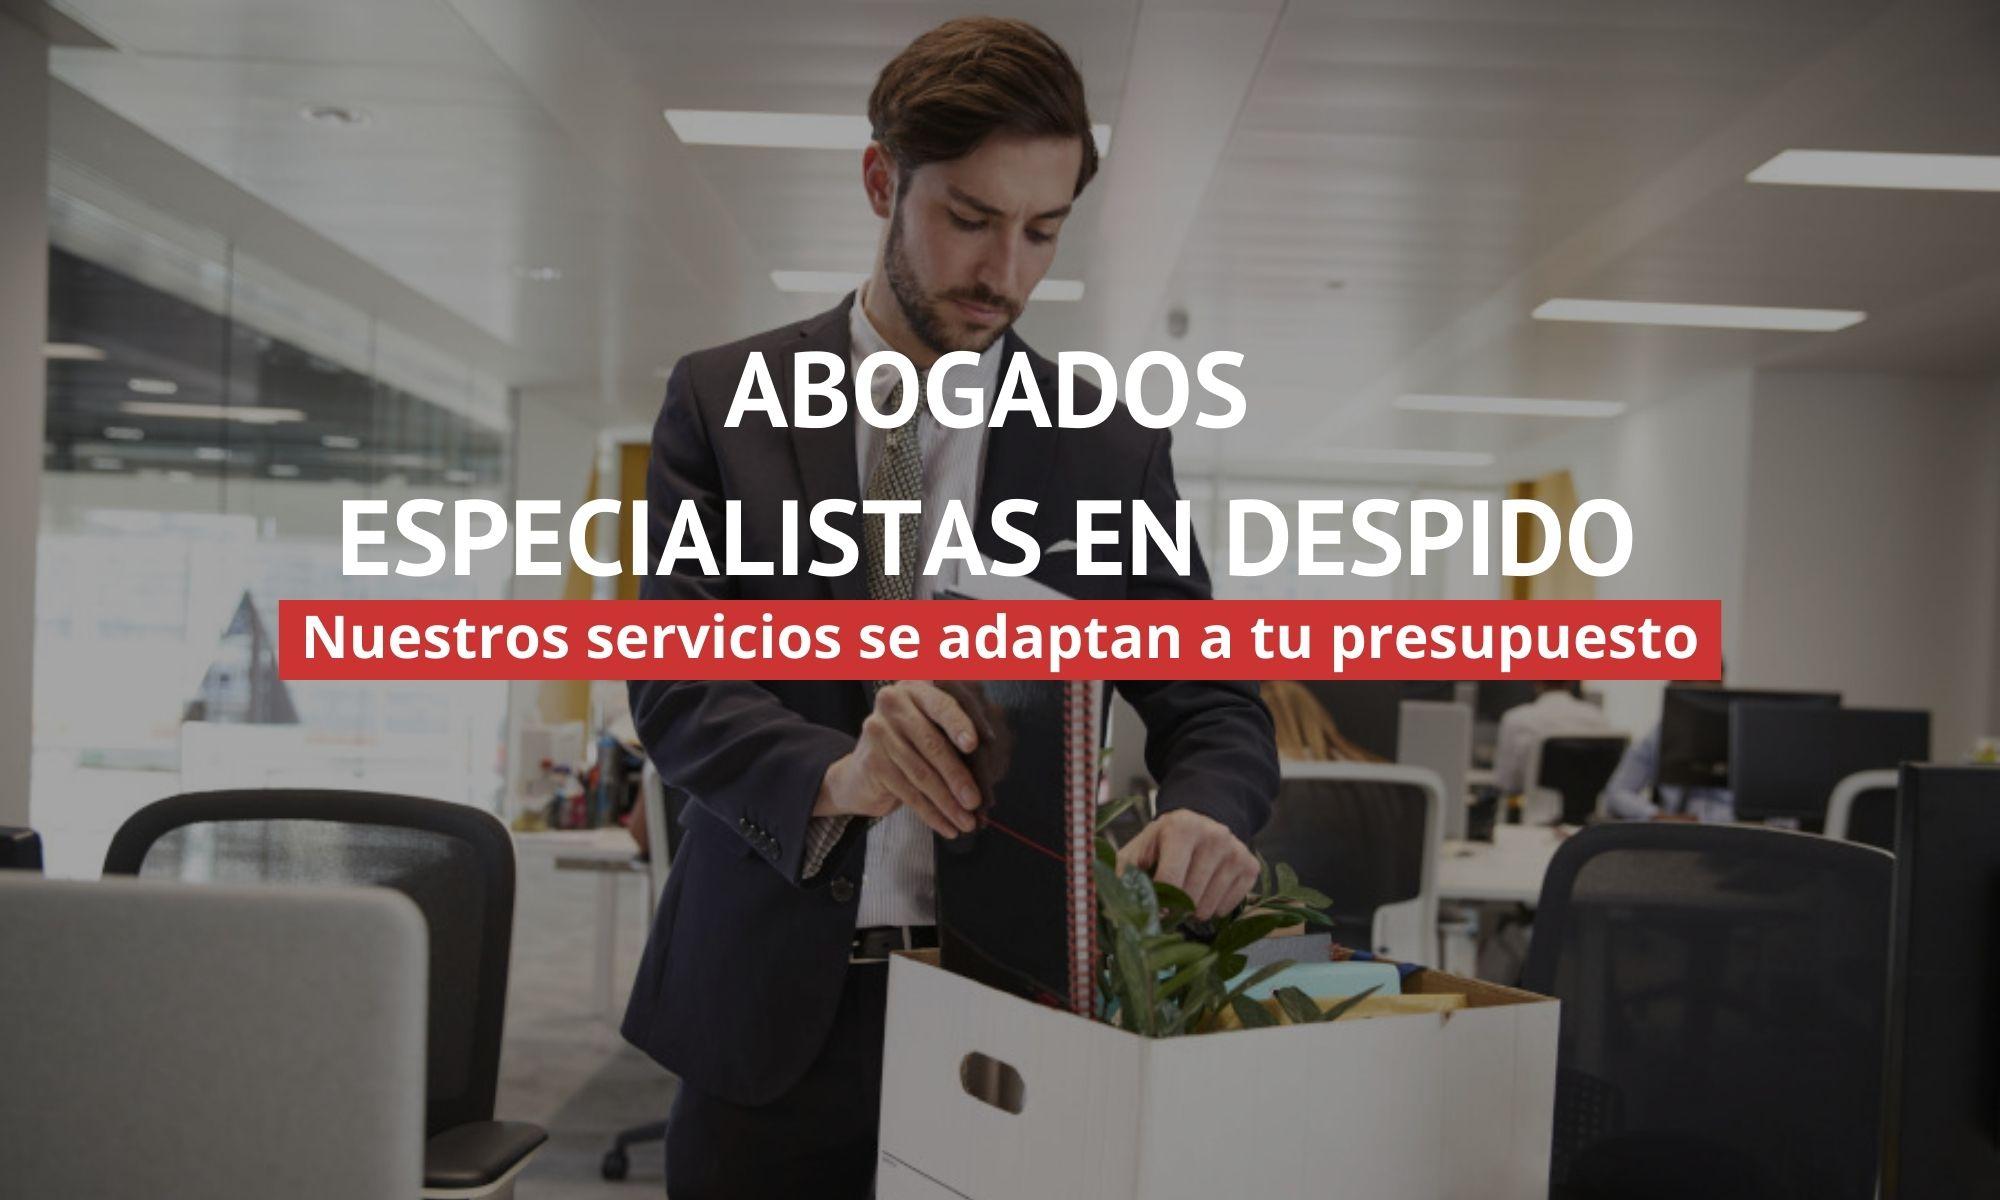 Abogados Despido Murcia | ACC LEGAL ABOGADOS